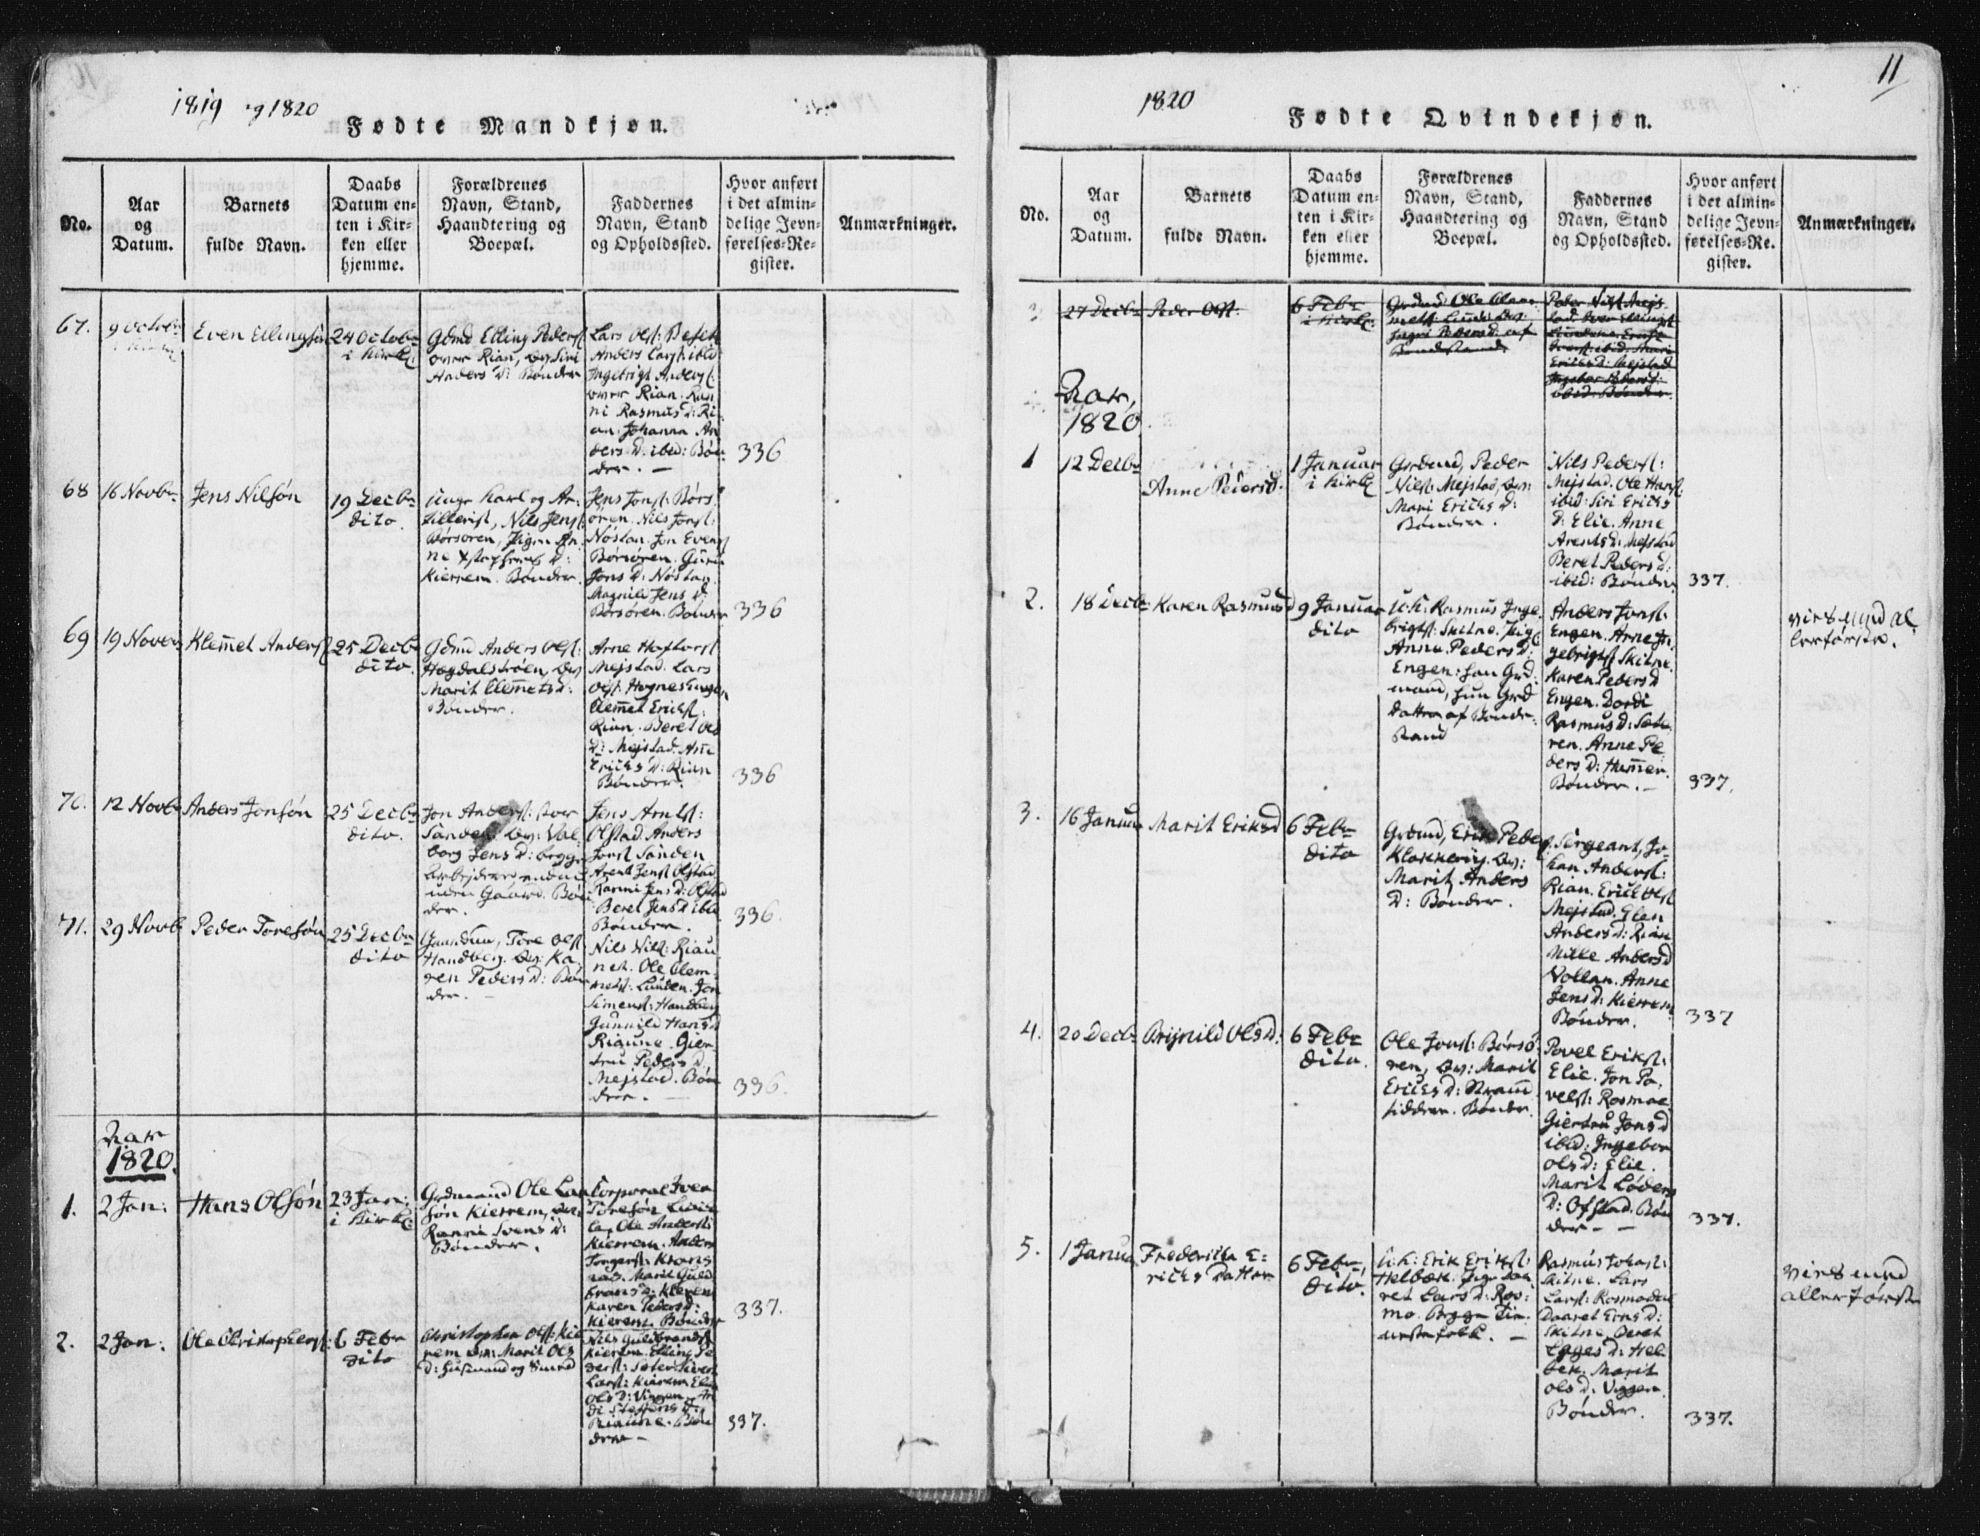 SAT, Ministerialprotokoller, klokkerbøker og fødselsregistre - Sør-Trøndelag, 665/L0770: Ministerialbok nr. 665A05, 1817-1829, s. 11